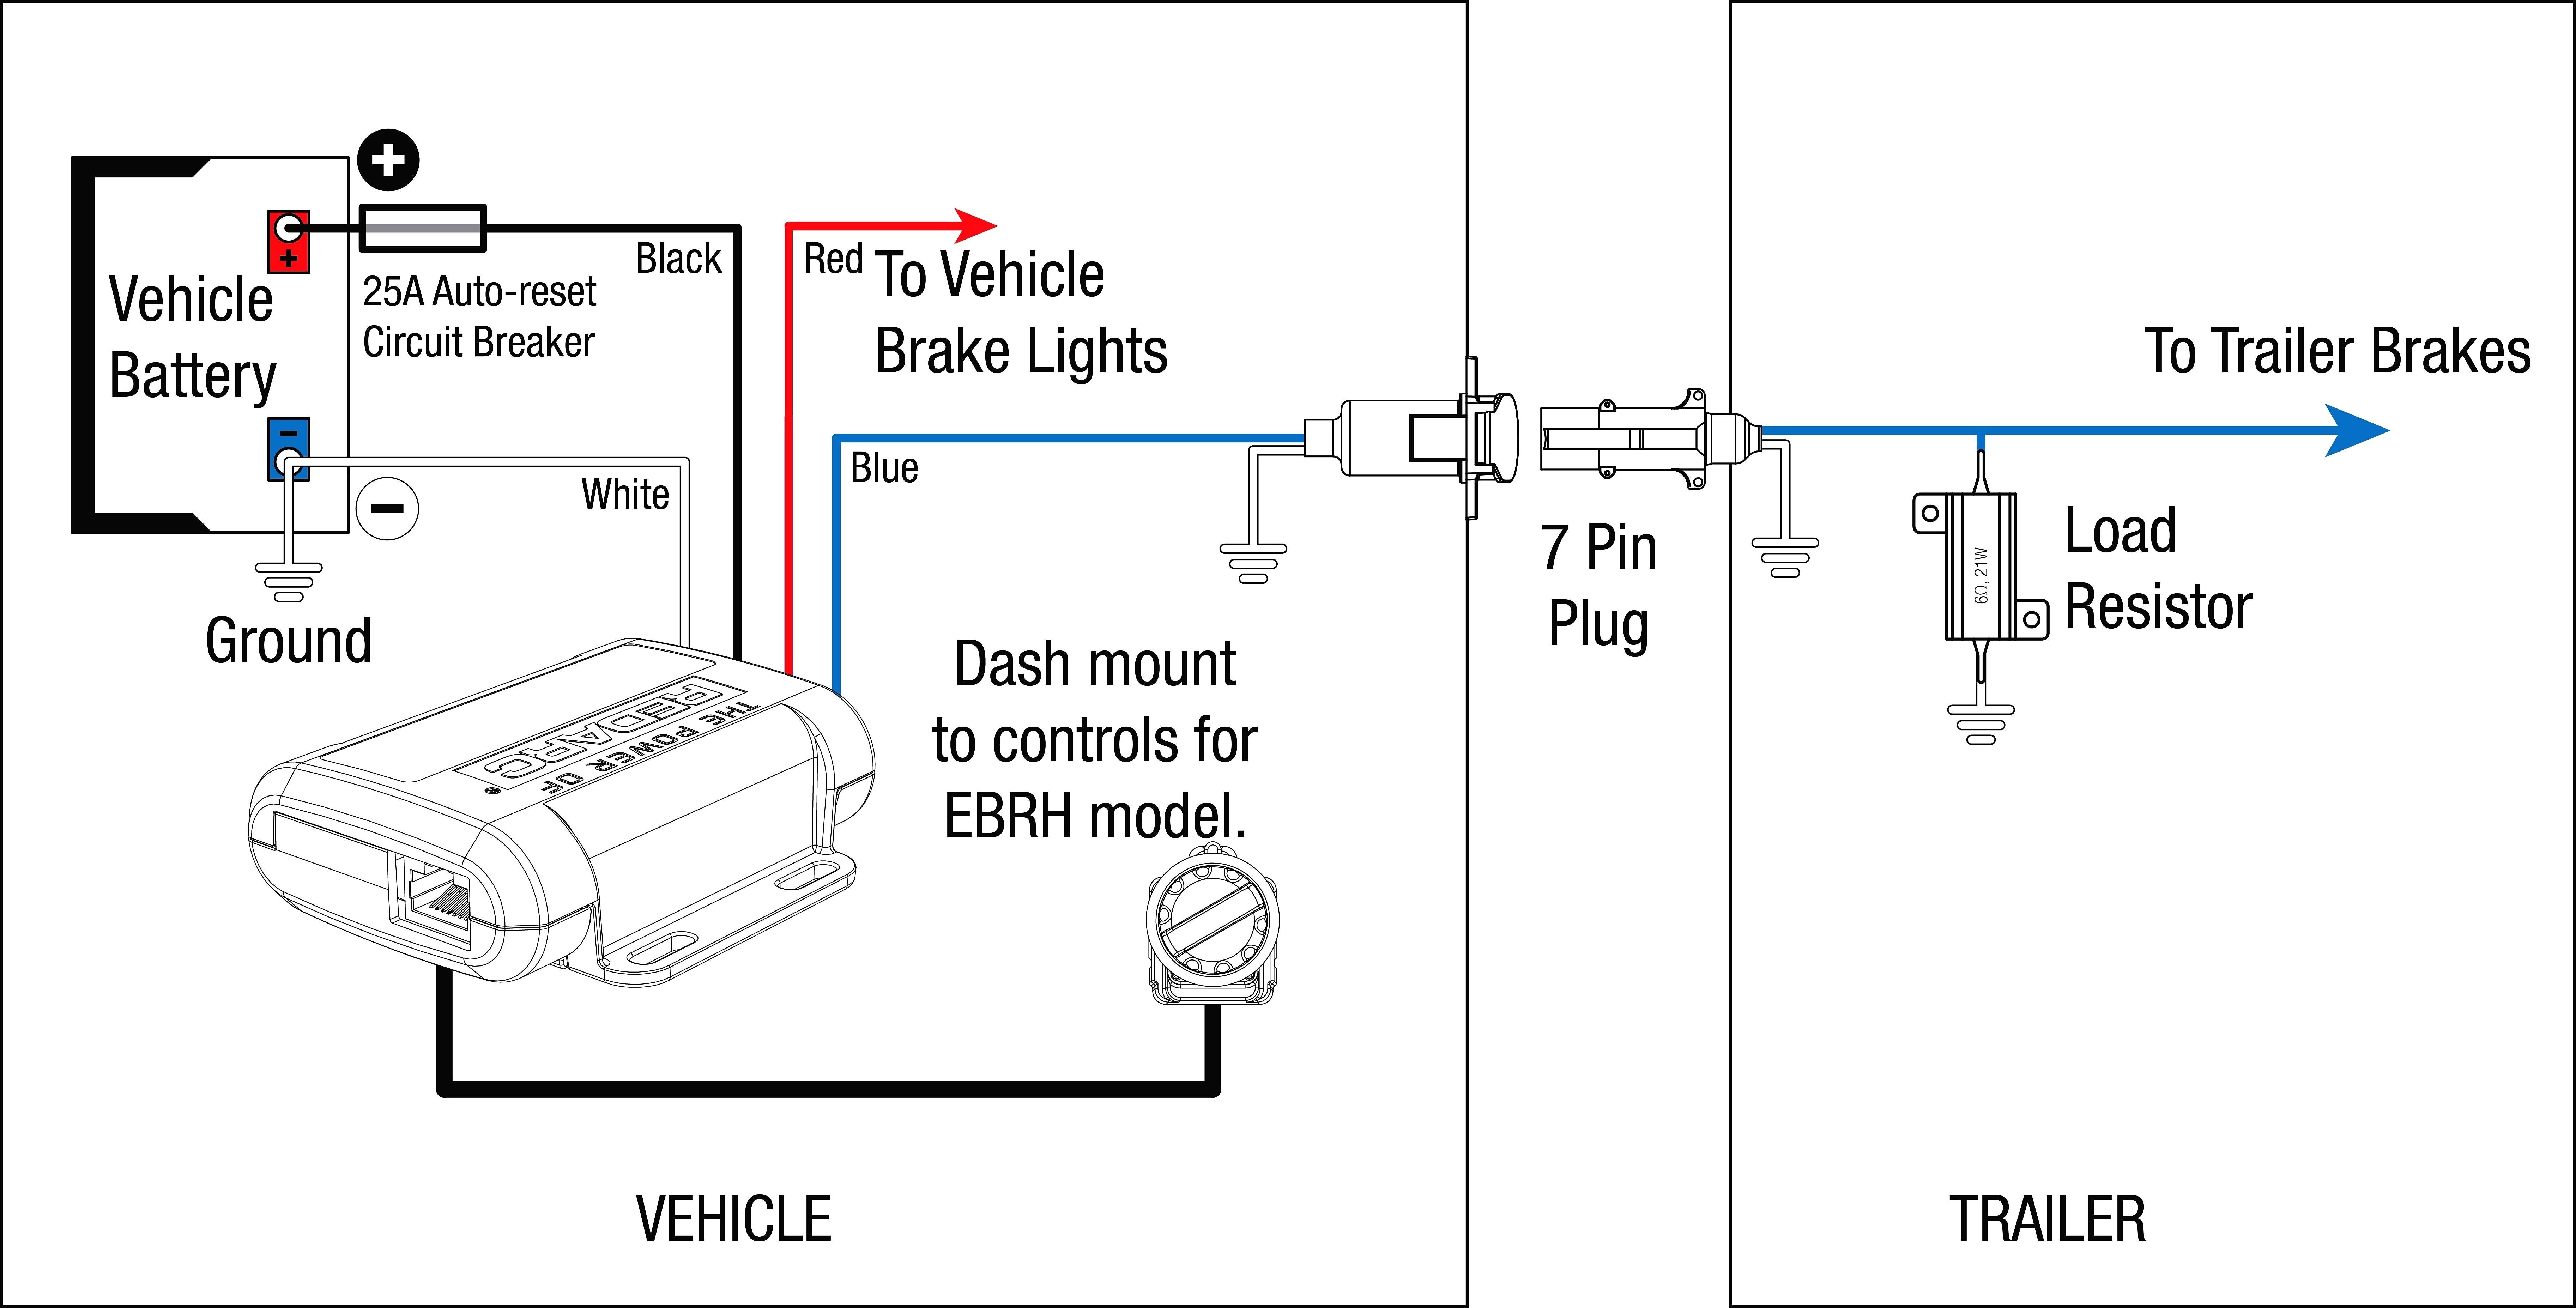 Electric Trailer Brakes Wiring Diagram Wiring Diagram Trailer Brakes Valid Kelsey Electric Brake Controller Of Electric Trailer Brakes Wiring Diagram